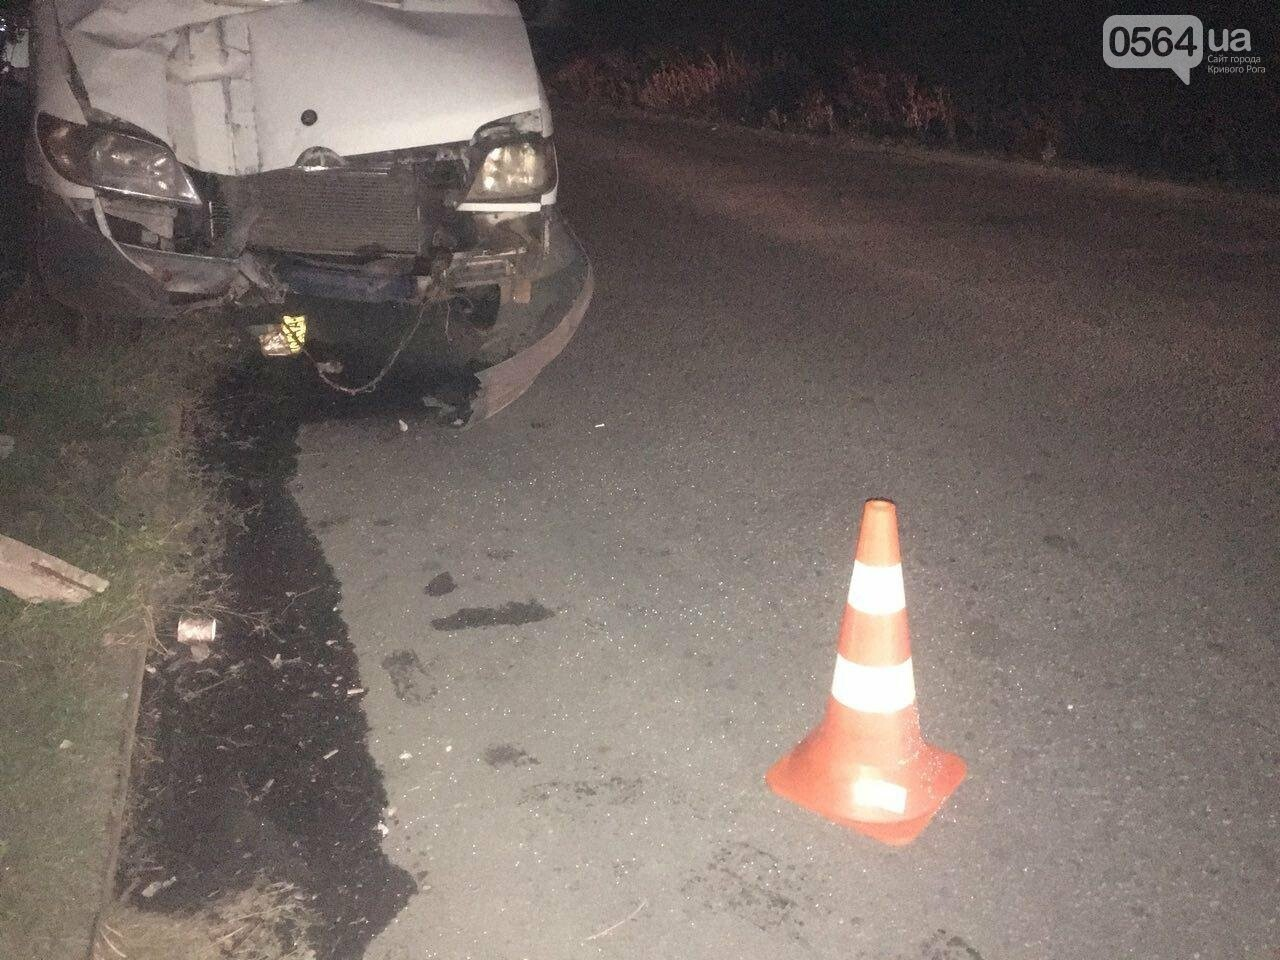 В Кривом Роге микроавтобус снес электроопору: пропал водитель и свет, - ФОТО  , фото-1